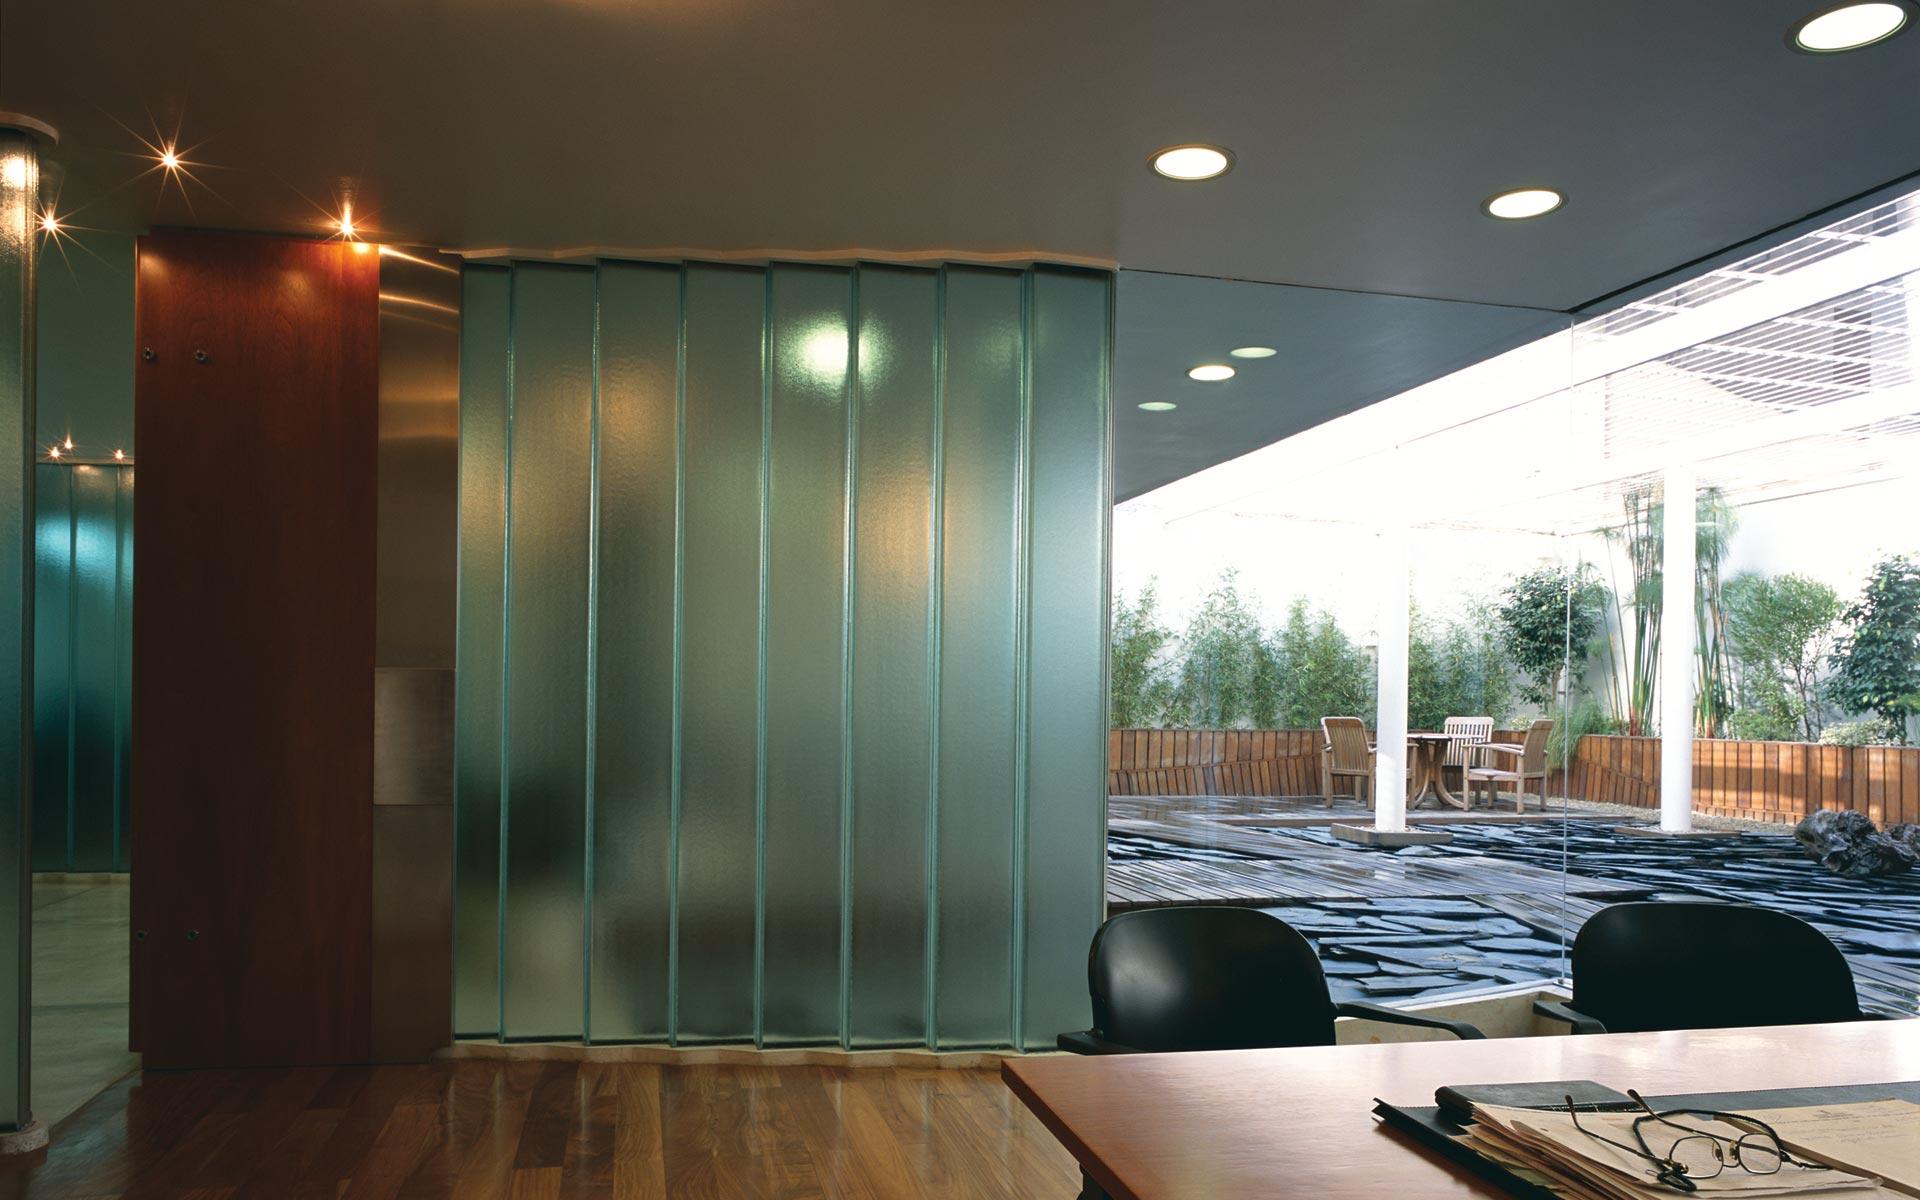 diseño interior, paisajismo, oficina ceo y patio jardín con deck y piedra